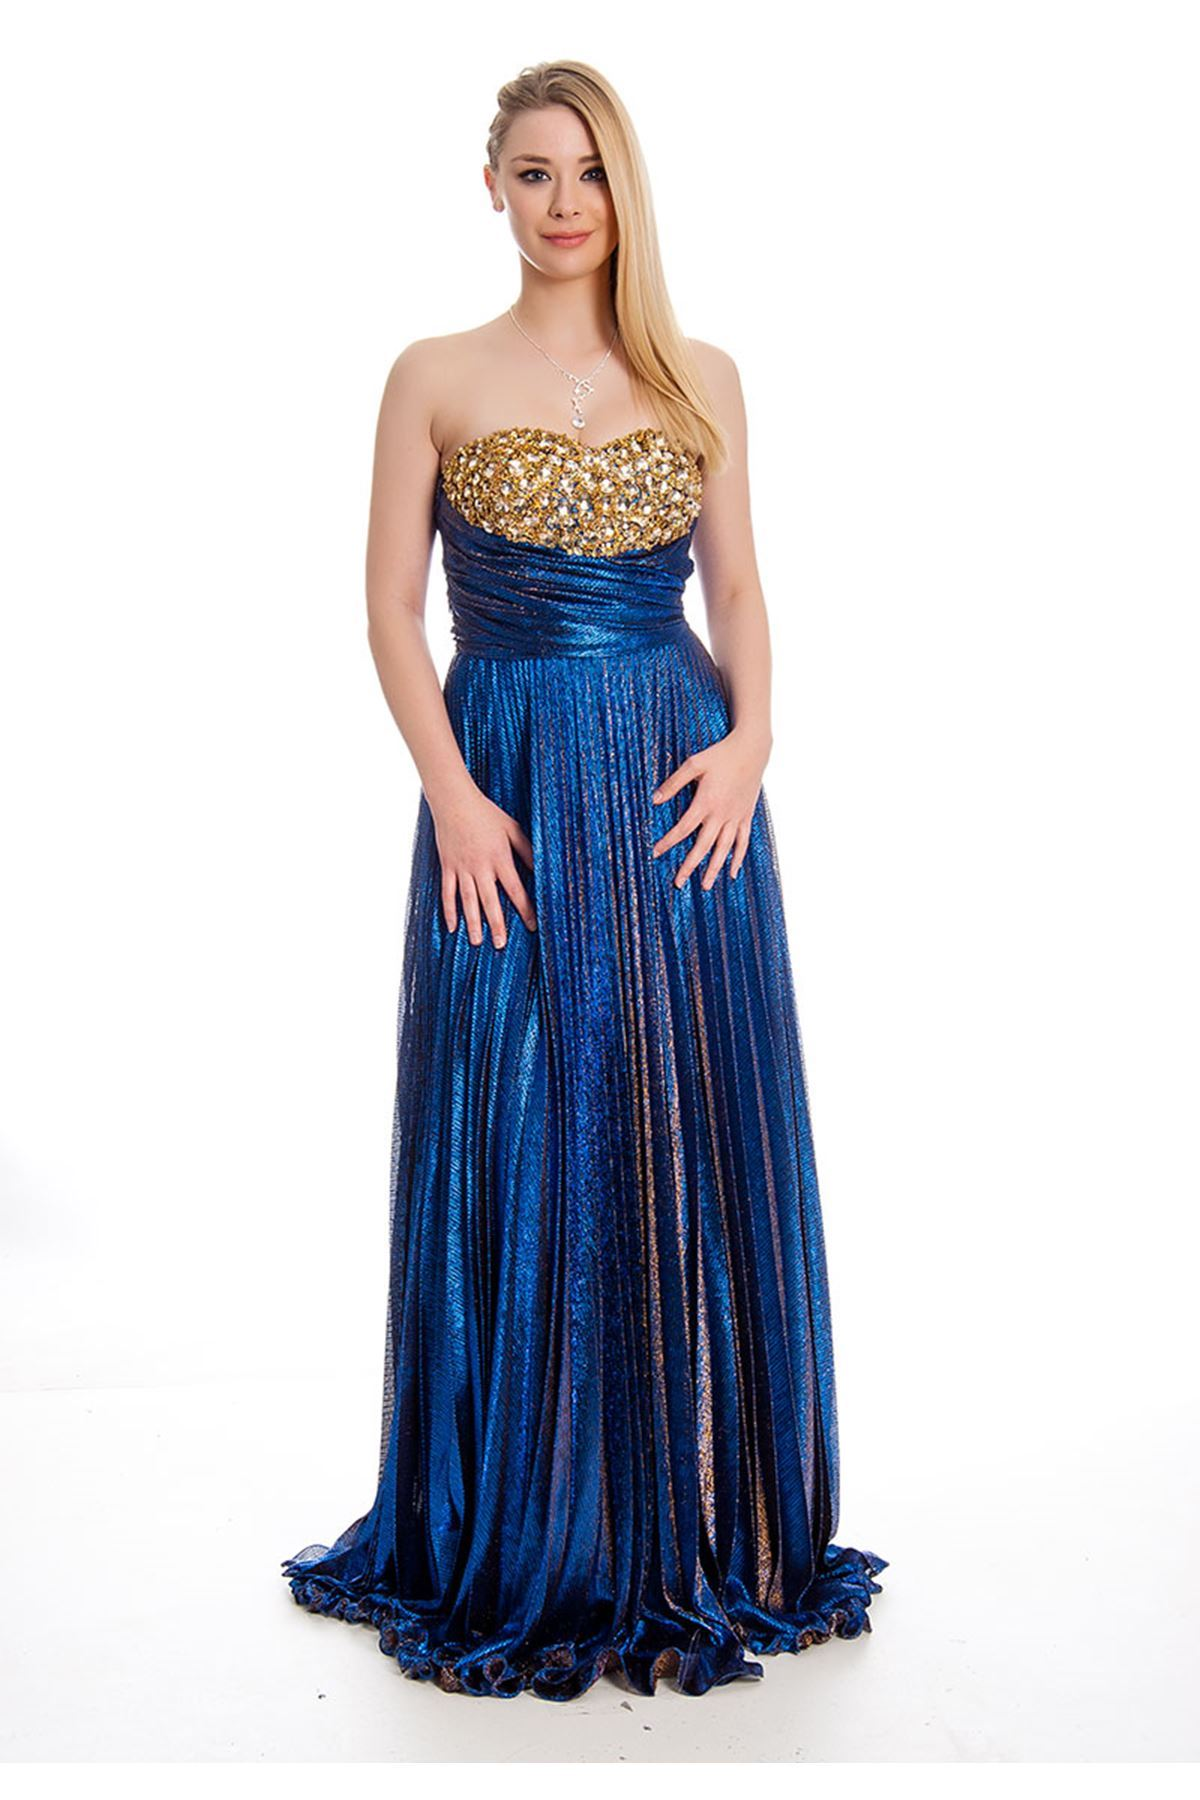 Mavi Taşlı Abiye J9-115101